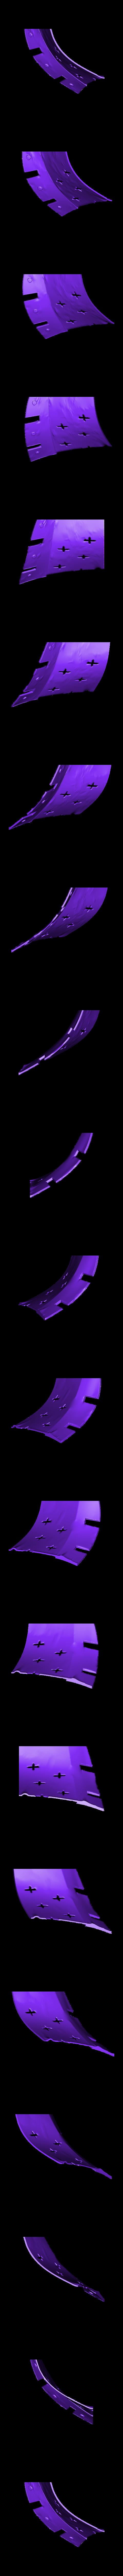 Part_10.stl Télécharger fichier STL gratuit Pour Honor Lawbringer Helm - Chevalier • Objet à imprimer en 3D, VillainousPropShop